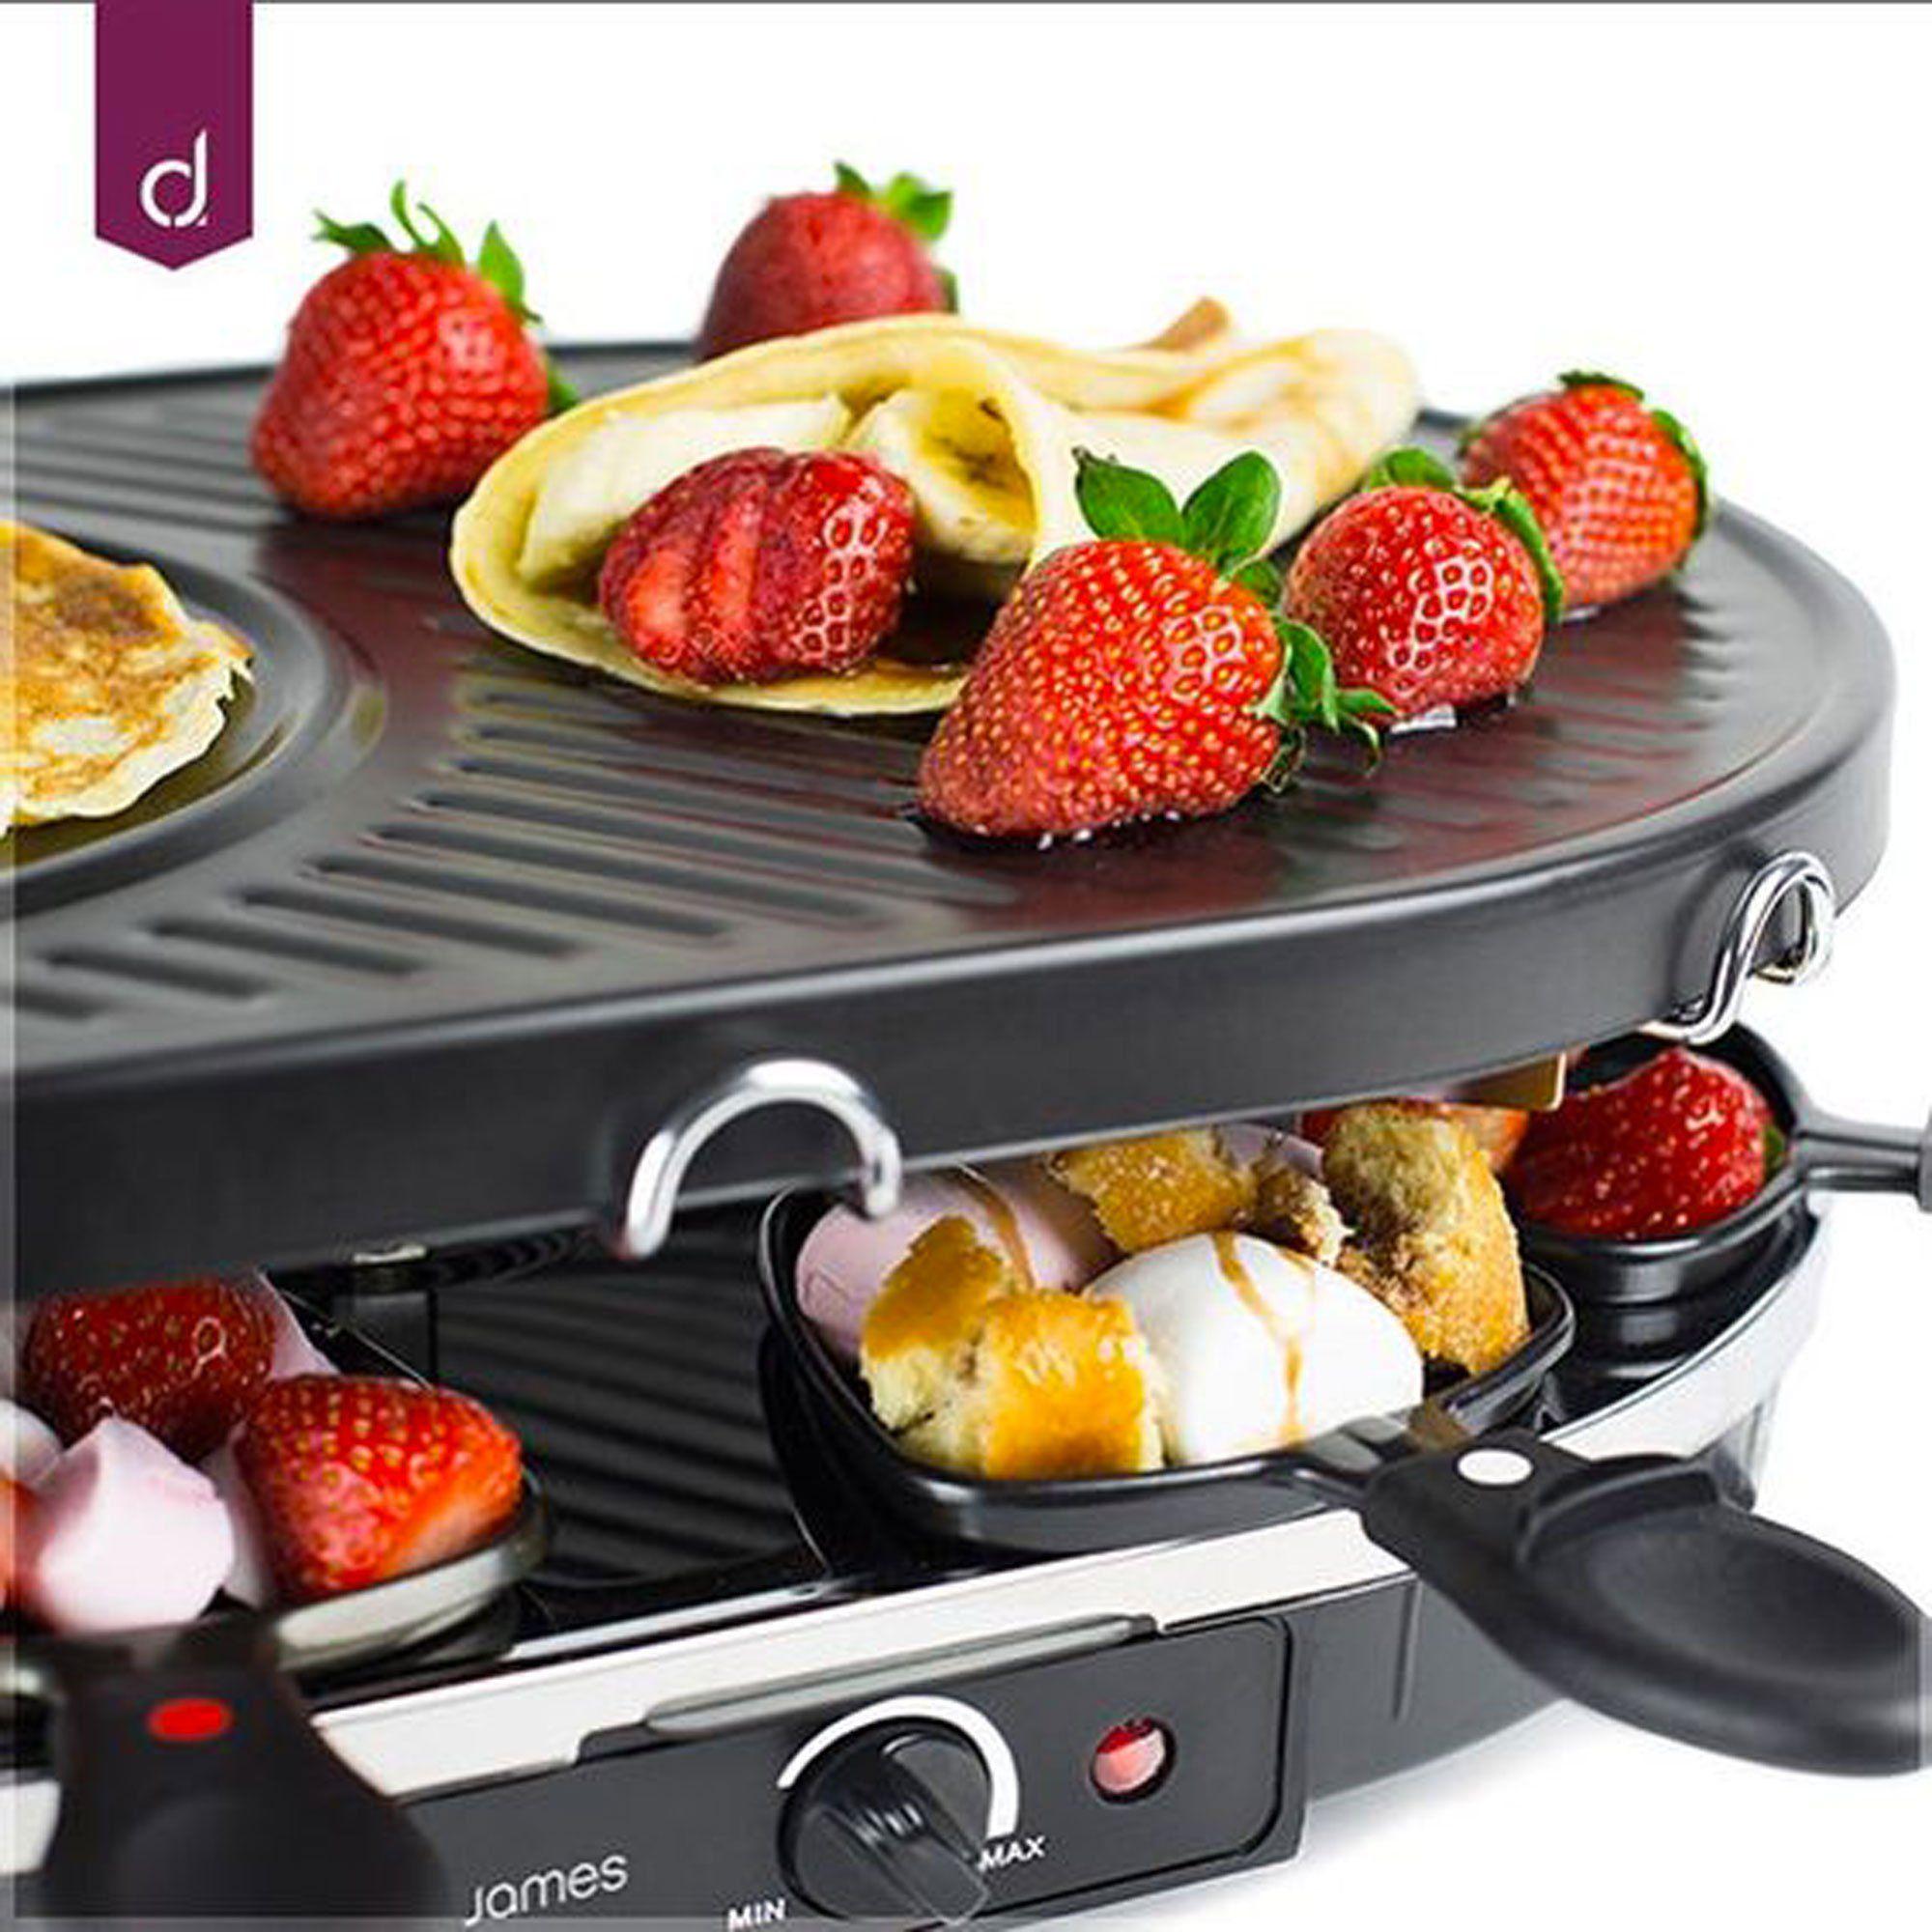 12 id es de recette sur pinterest pour changer de la raclette charcut 39 desserts recette. Black Bedroom Furniture Sets. Home Design Ideas